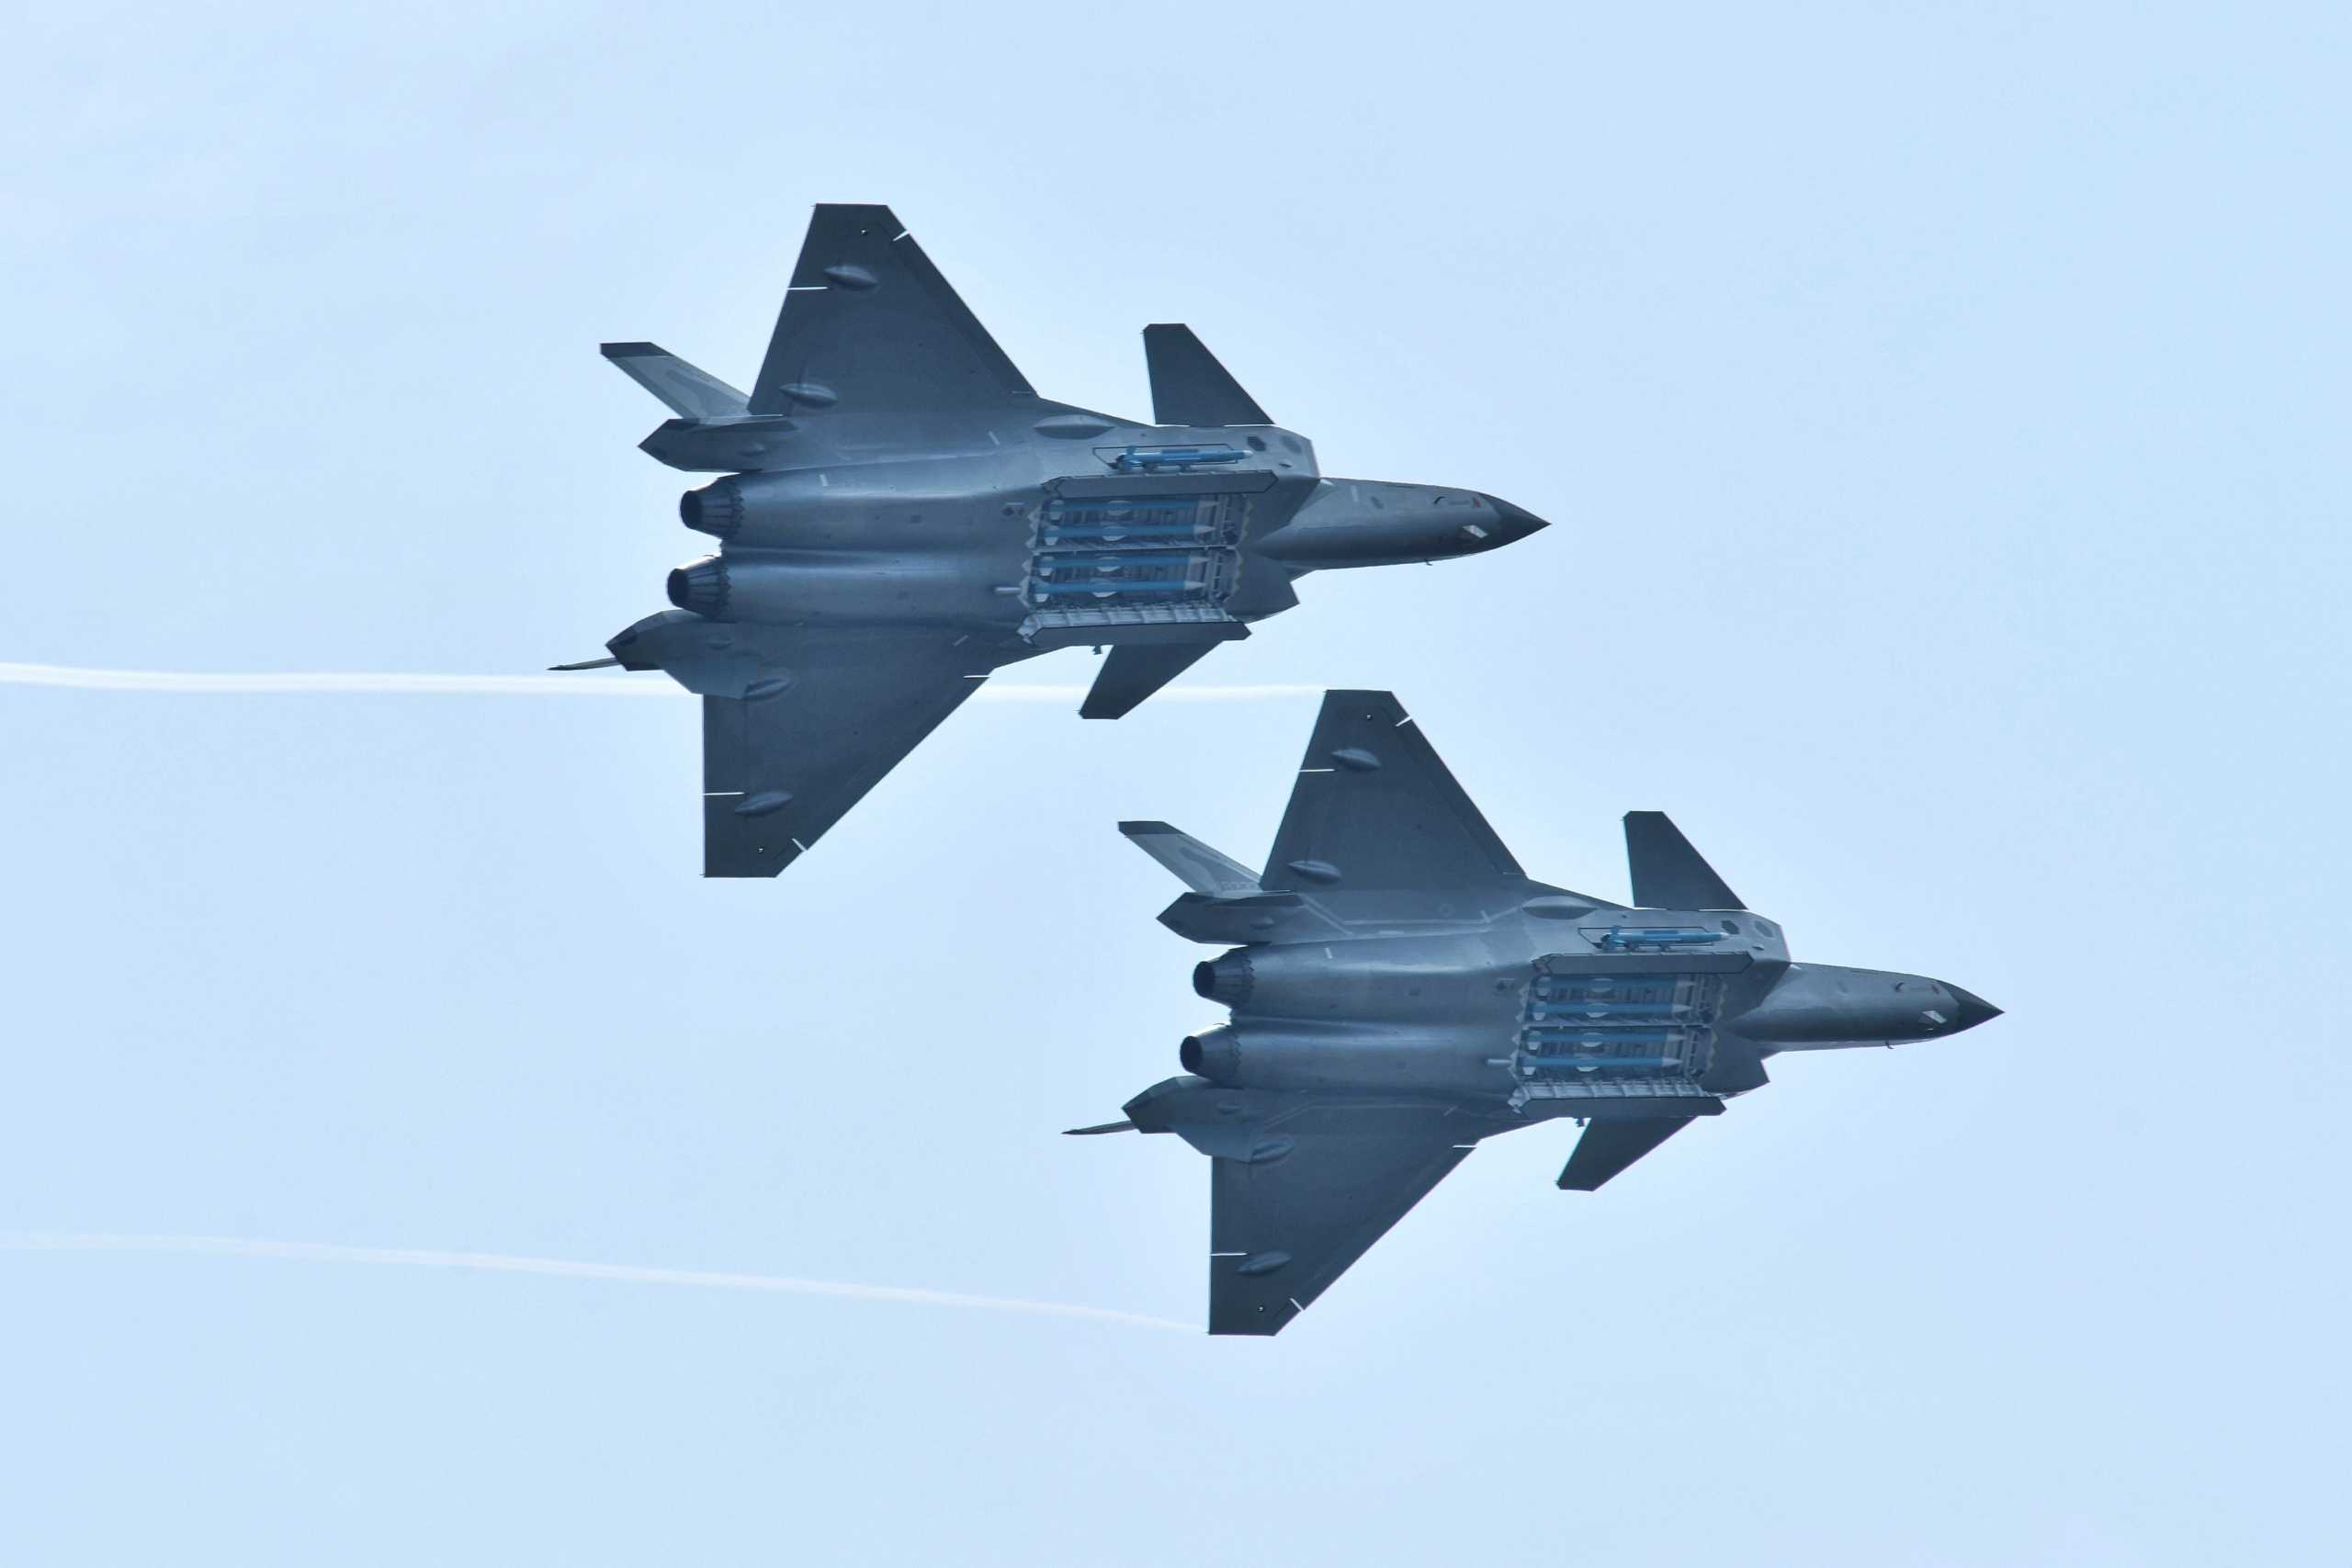 Ταϊβάν: Η Κίνα «έσπασε» και πάλι την αντιεροπορική ζώνη με 20 μαχητικά αεροσκάφη